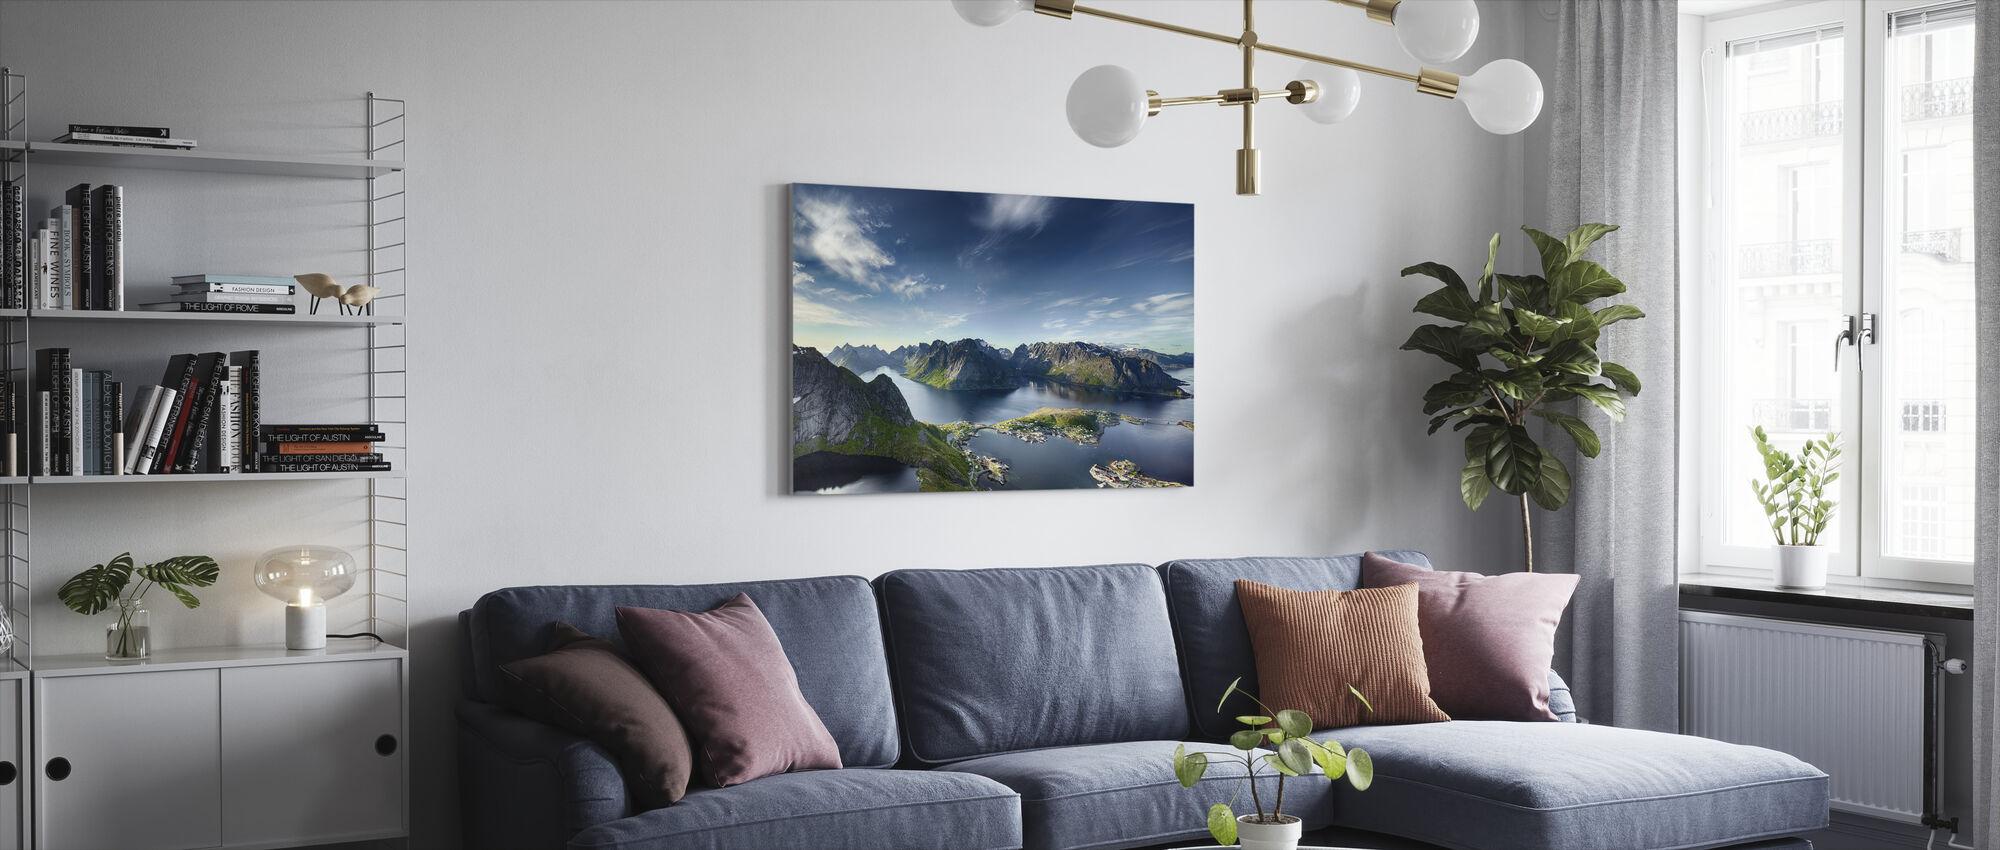 Panoramaudsigt over Reine i Lofoten, Norge - Billede på lærred - Stue